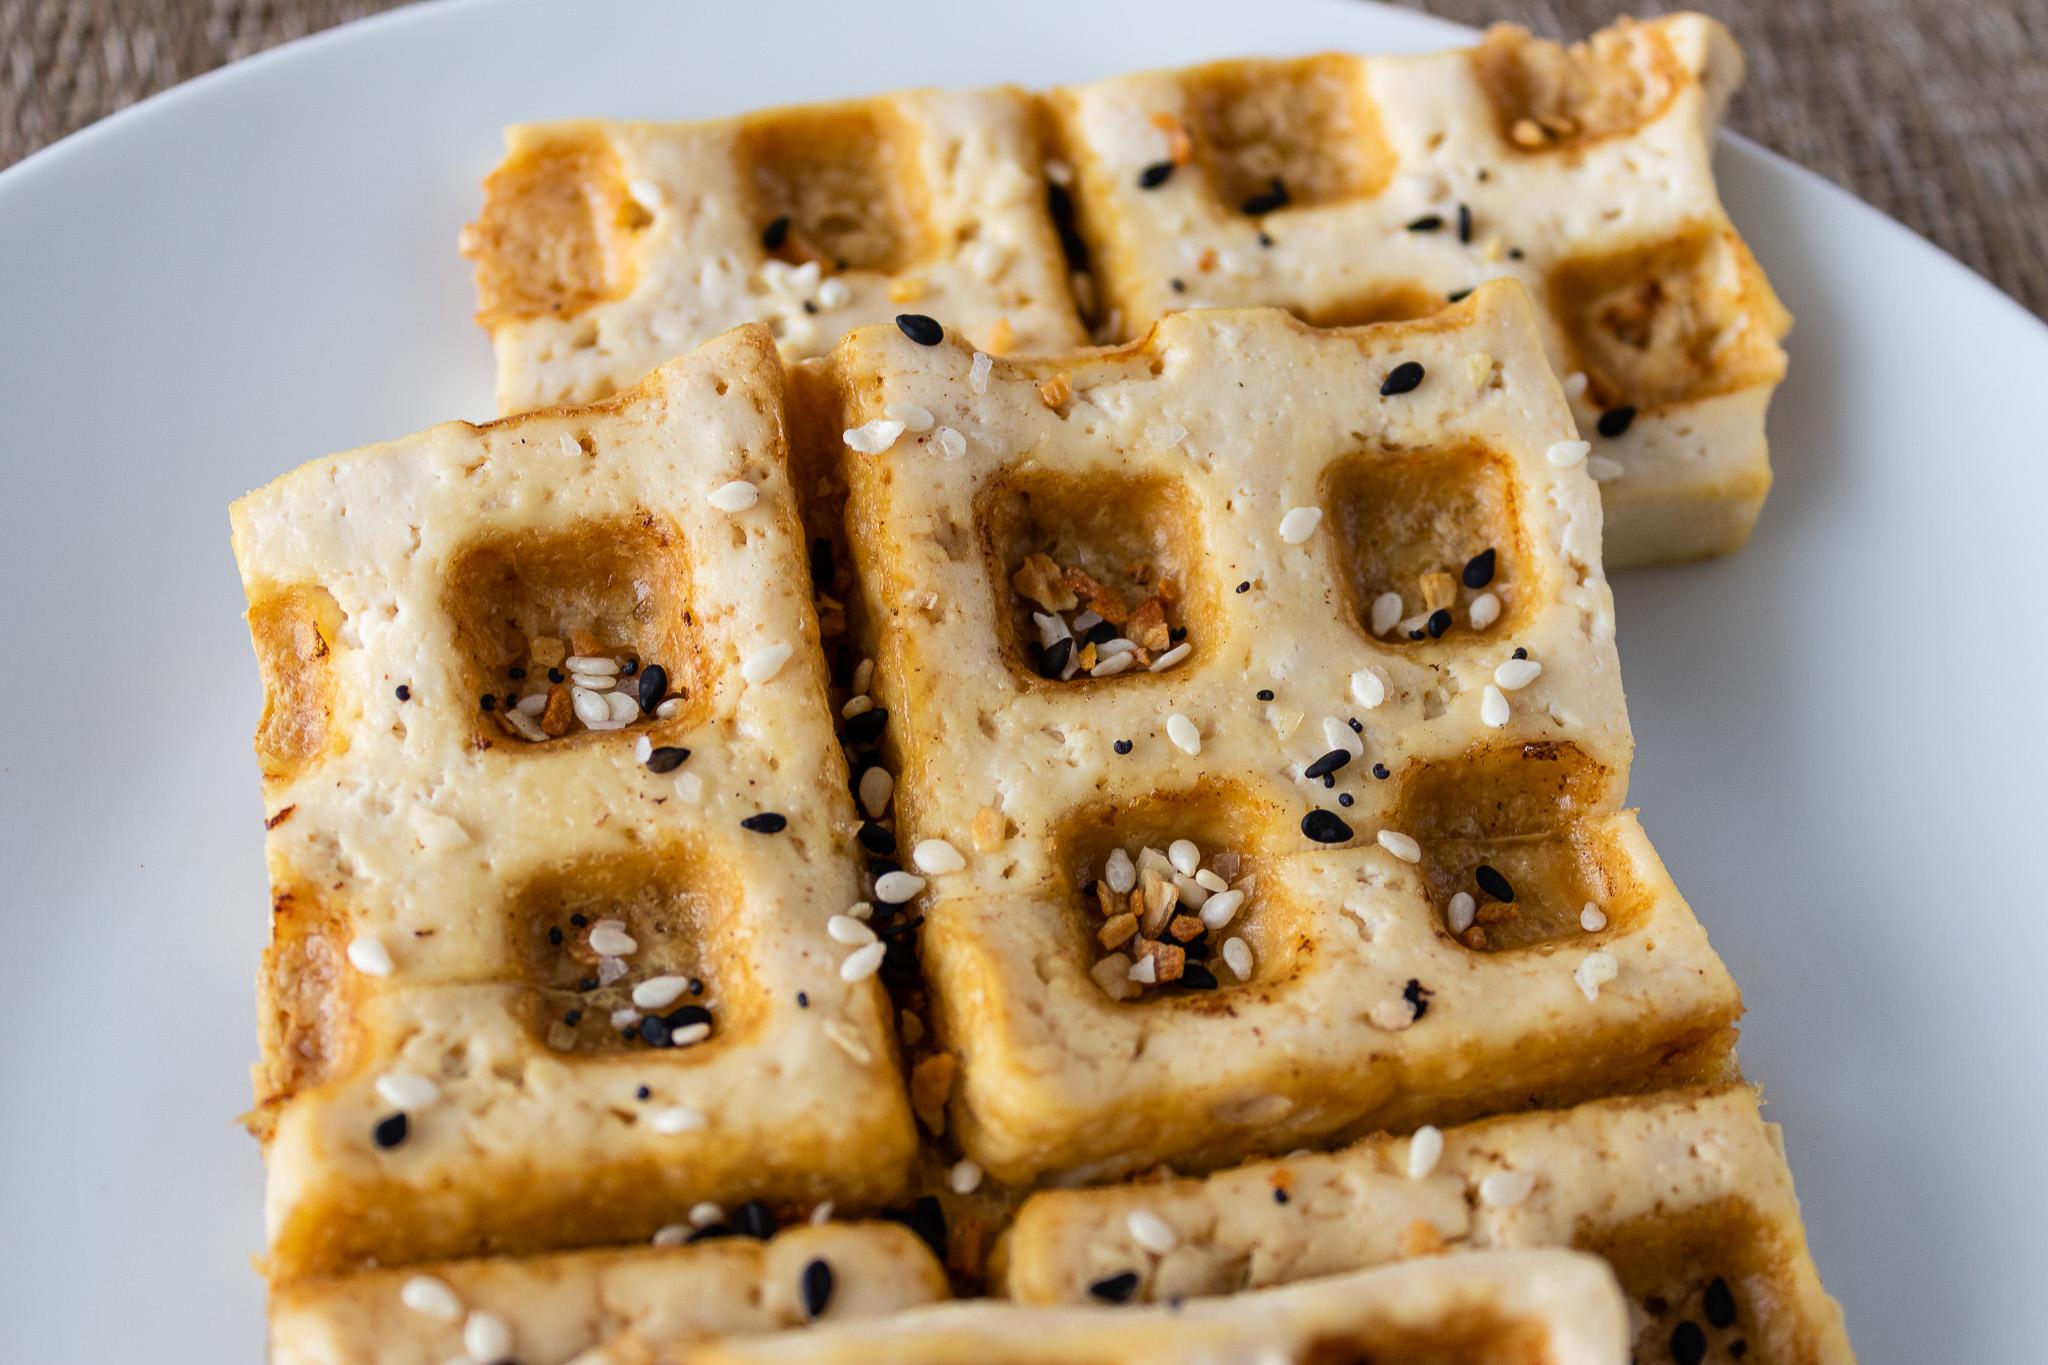 Tofu waffle with everything bagel seasoning close-up